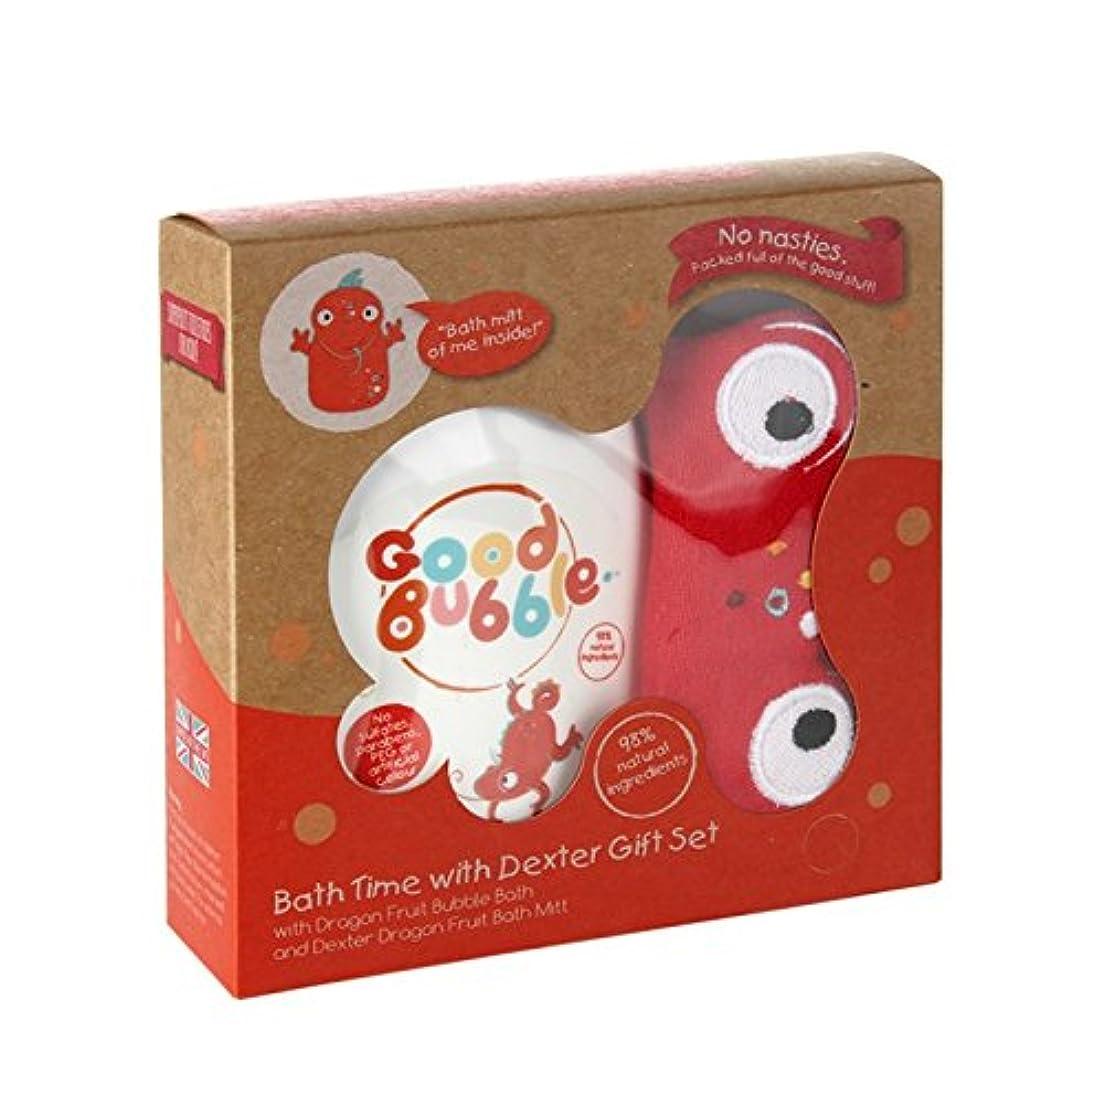 単に技術者植物学者良いバブルデクスターDragonfruitギフトセット550グラム - Good Bubble Dexter Dragonfruit Gift Set 550g (Good Bubble) [並行輸入品]